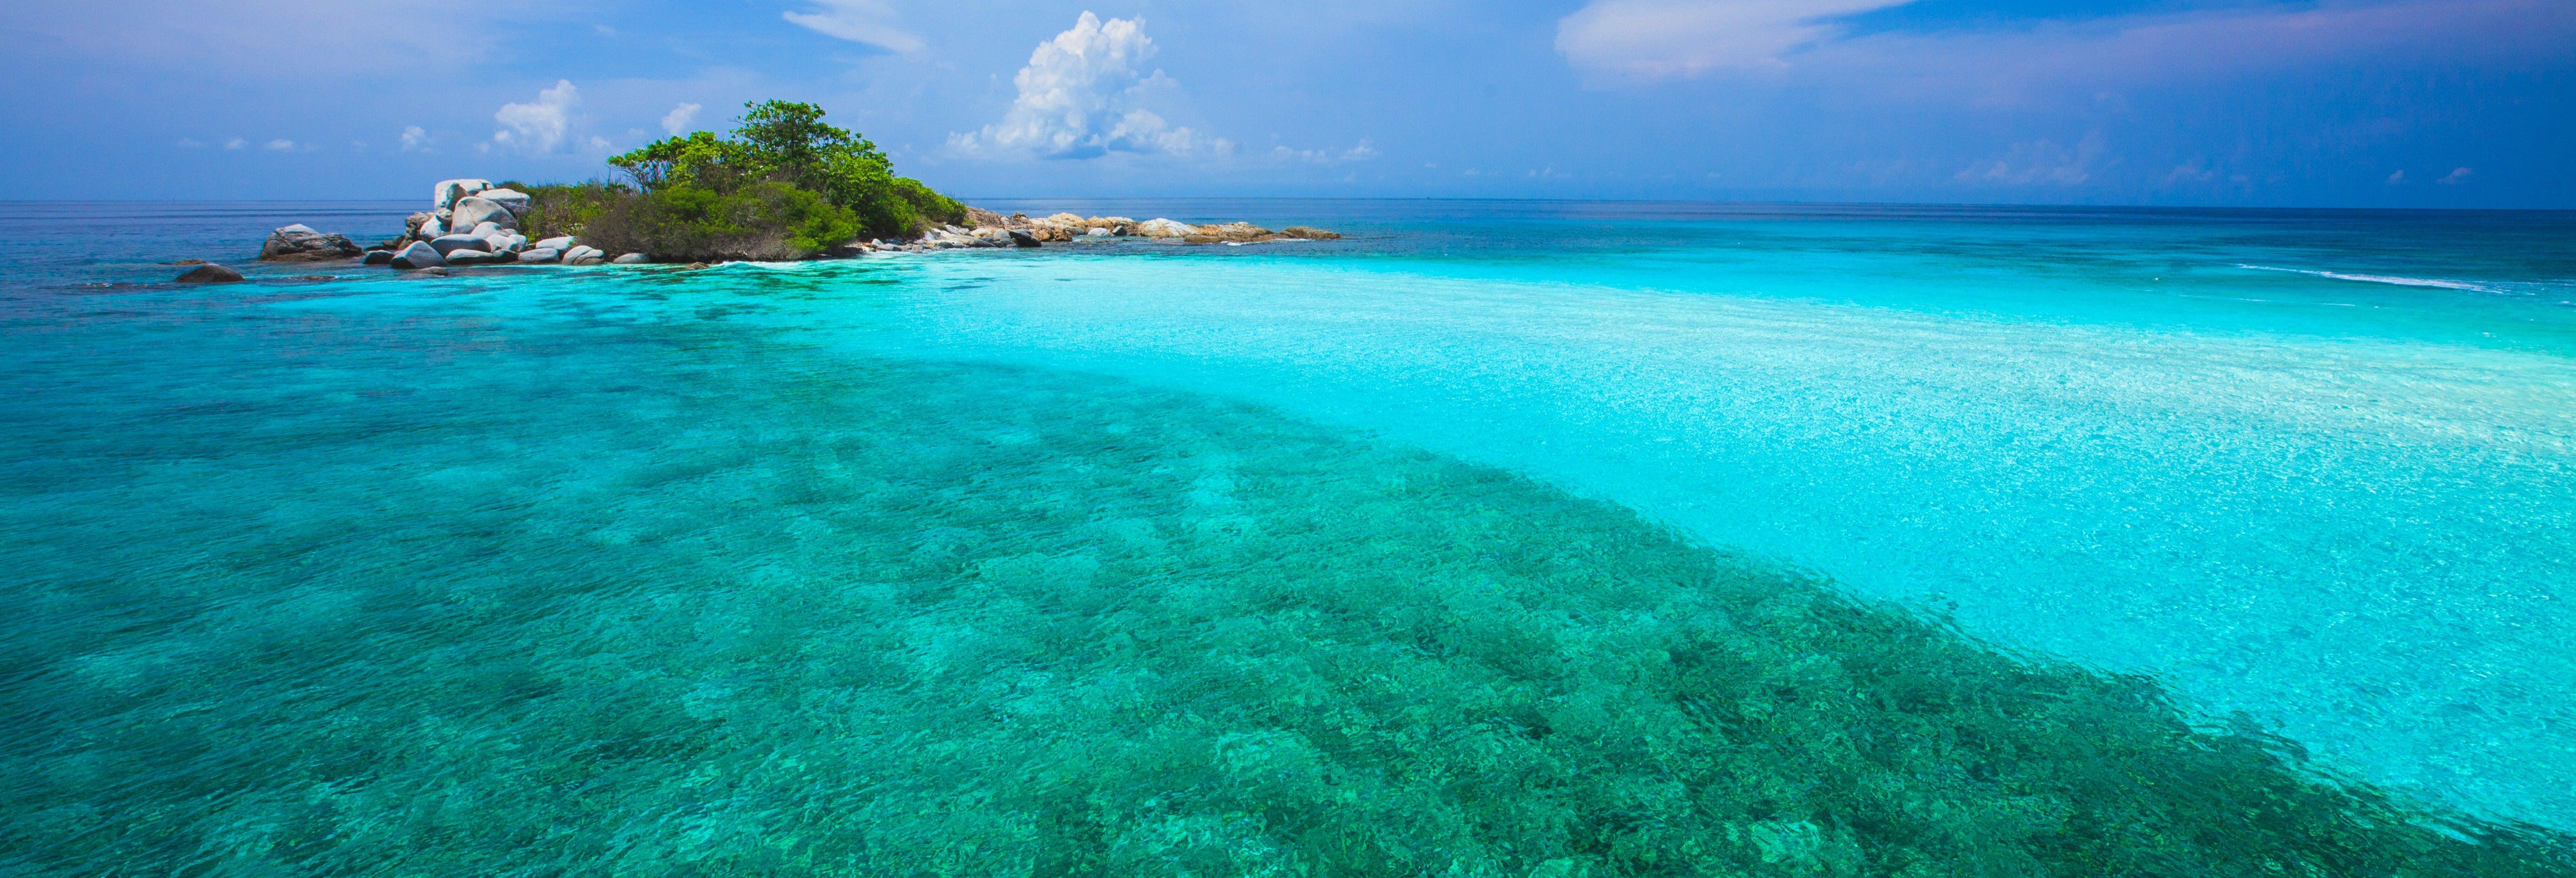 Excursión a islas Mai Thon, Racha y Coral